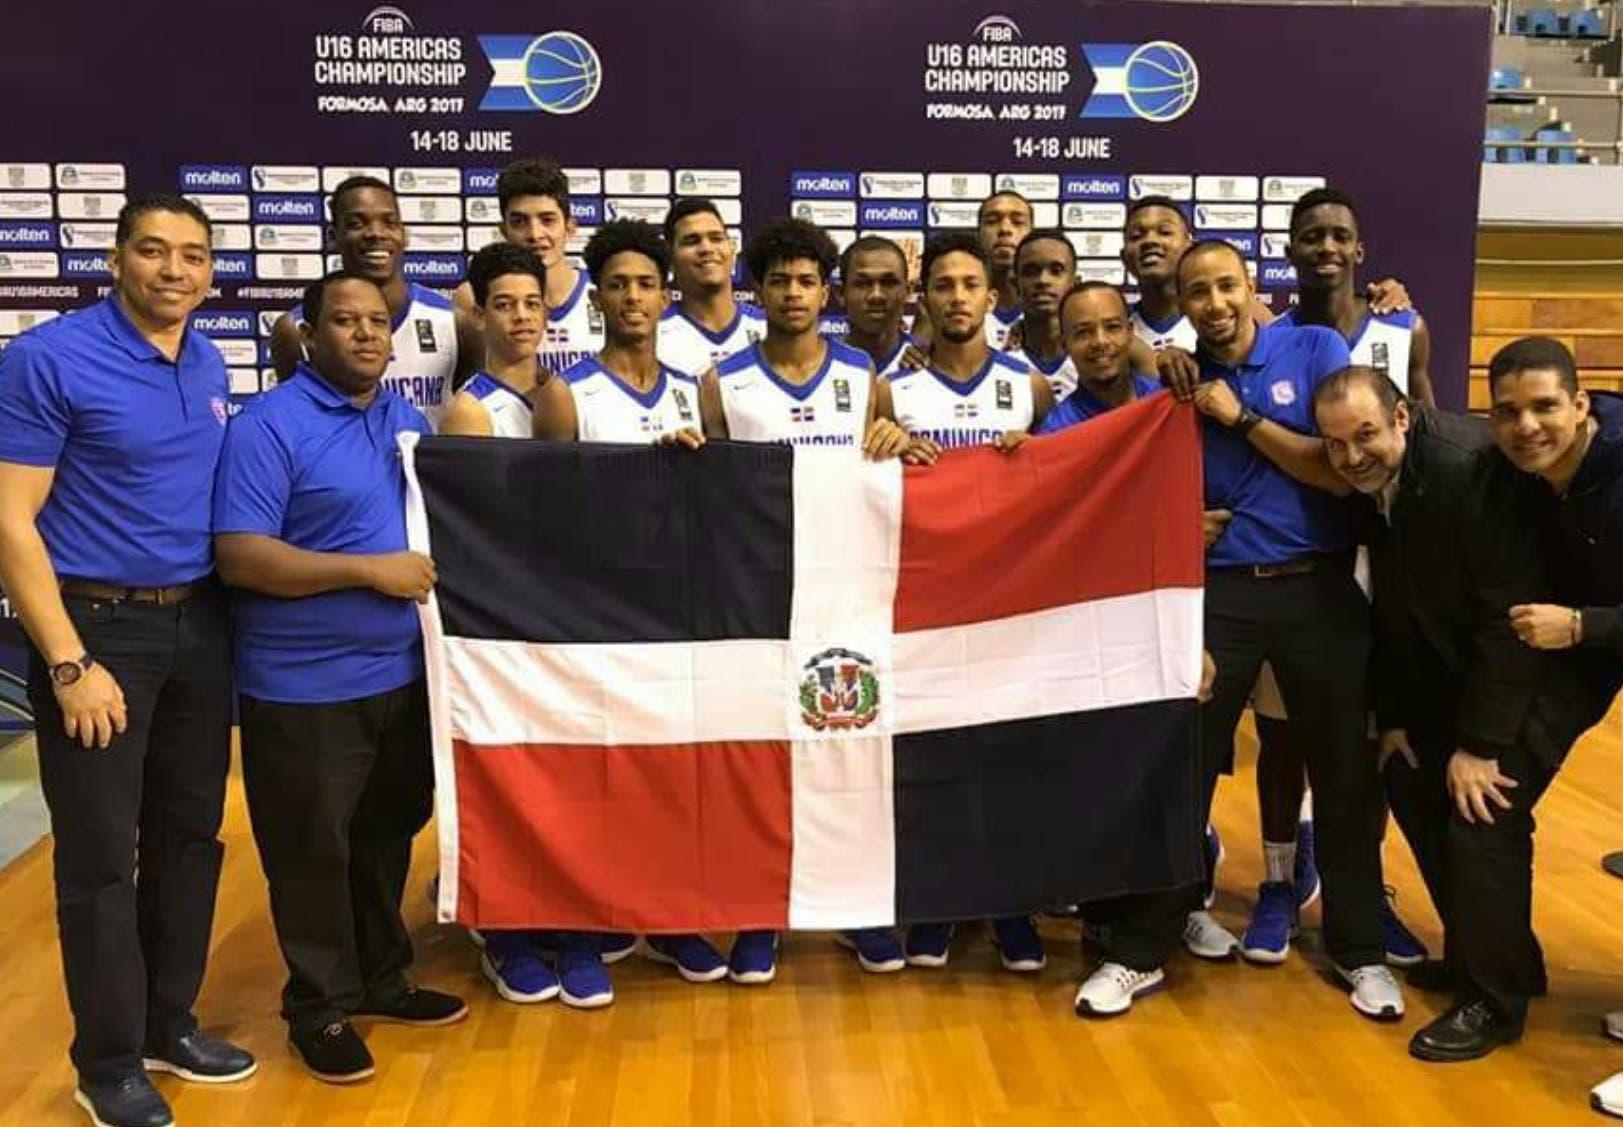 El equipo dominicano junto a los dirigentes  celebran luego de la victoria frente a México y su avance al Mundial U-17.